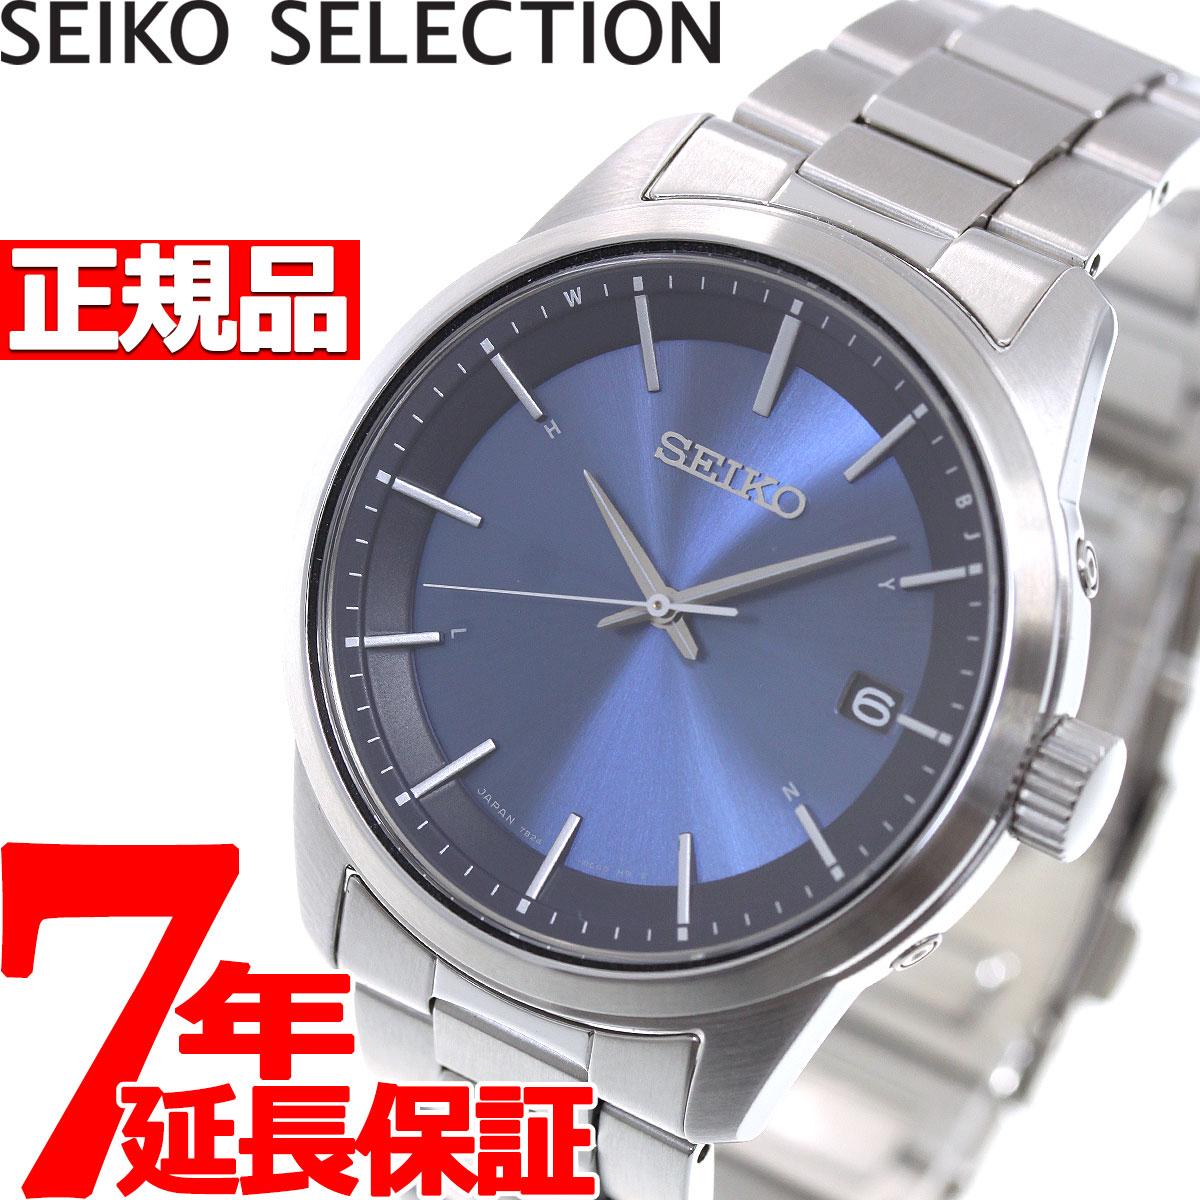 【5日0時~♪2000円OFFクーポン&店内ポイント最大51倍!5日23時59分まで】セイコー セレクション SEIKO SELECTION 電波 ソーラー 電波時計 腕時計 メンズ SBTM253